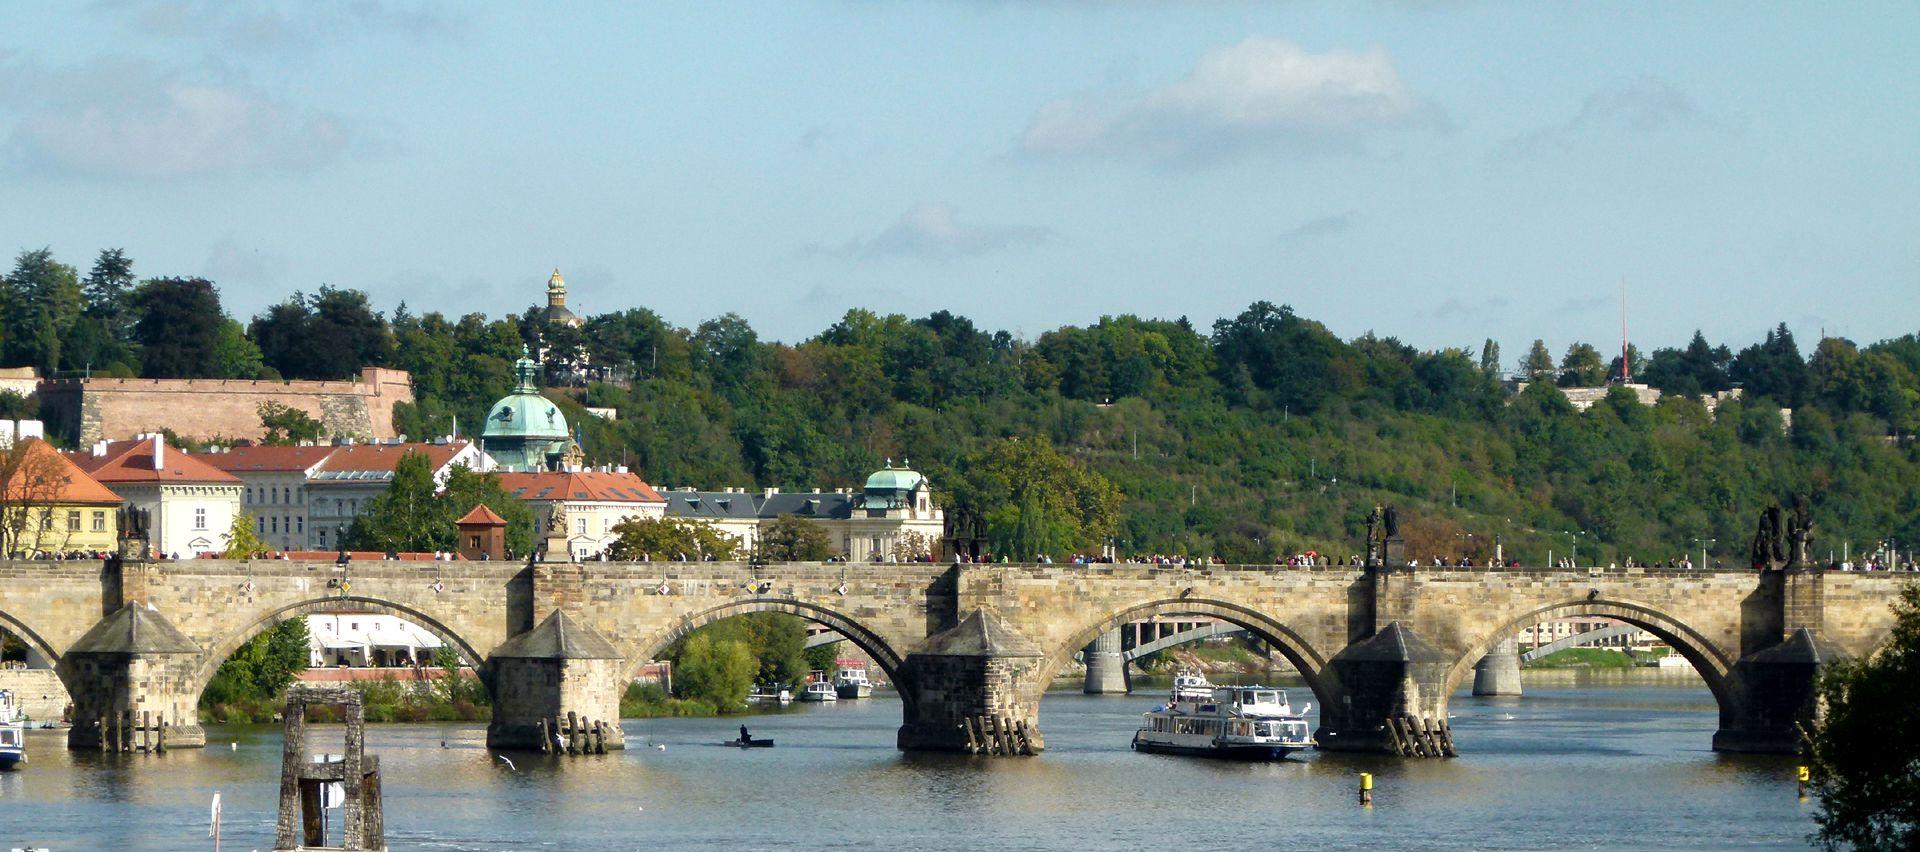 Prague, Charles Bridge Charles Bridge from the south